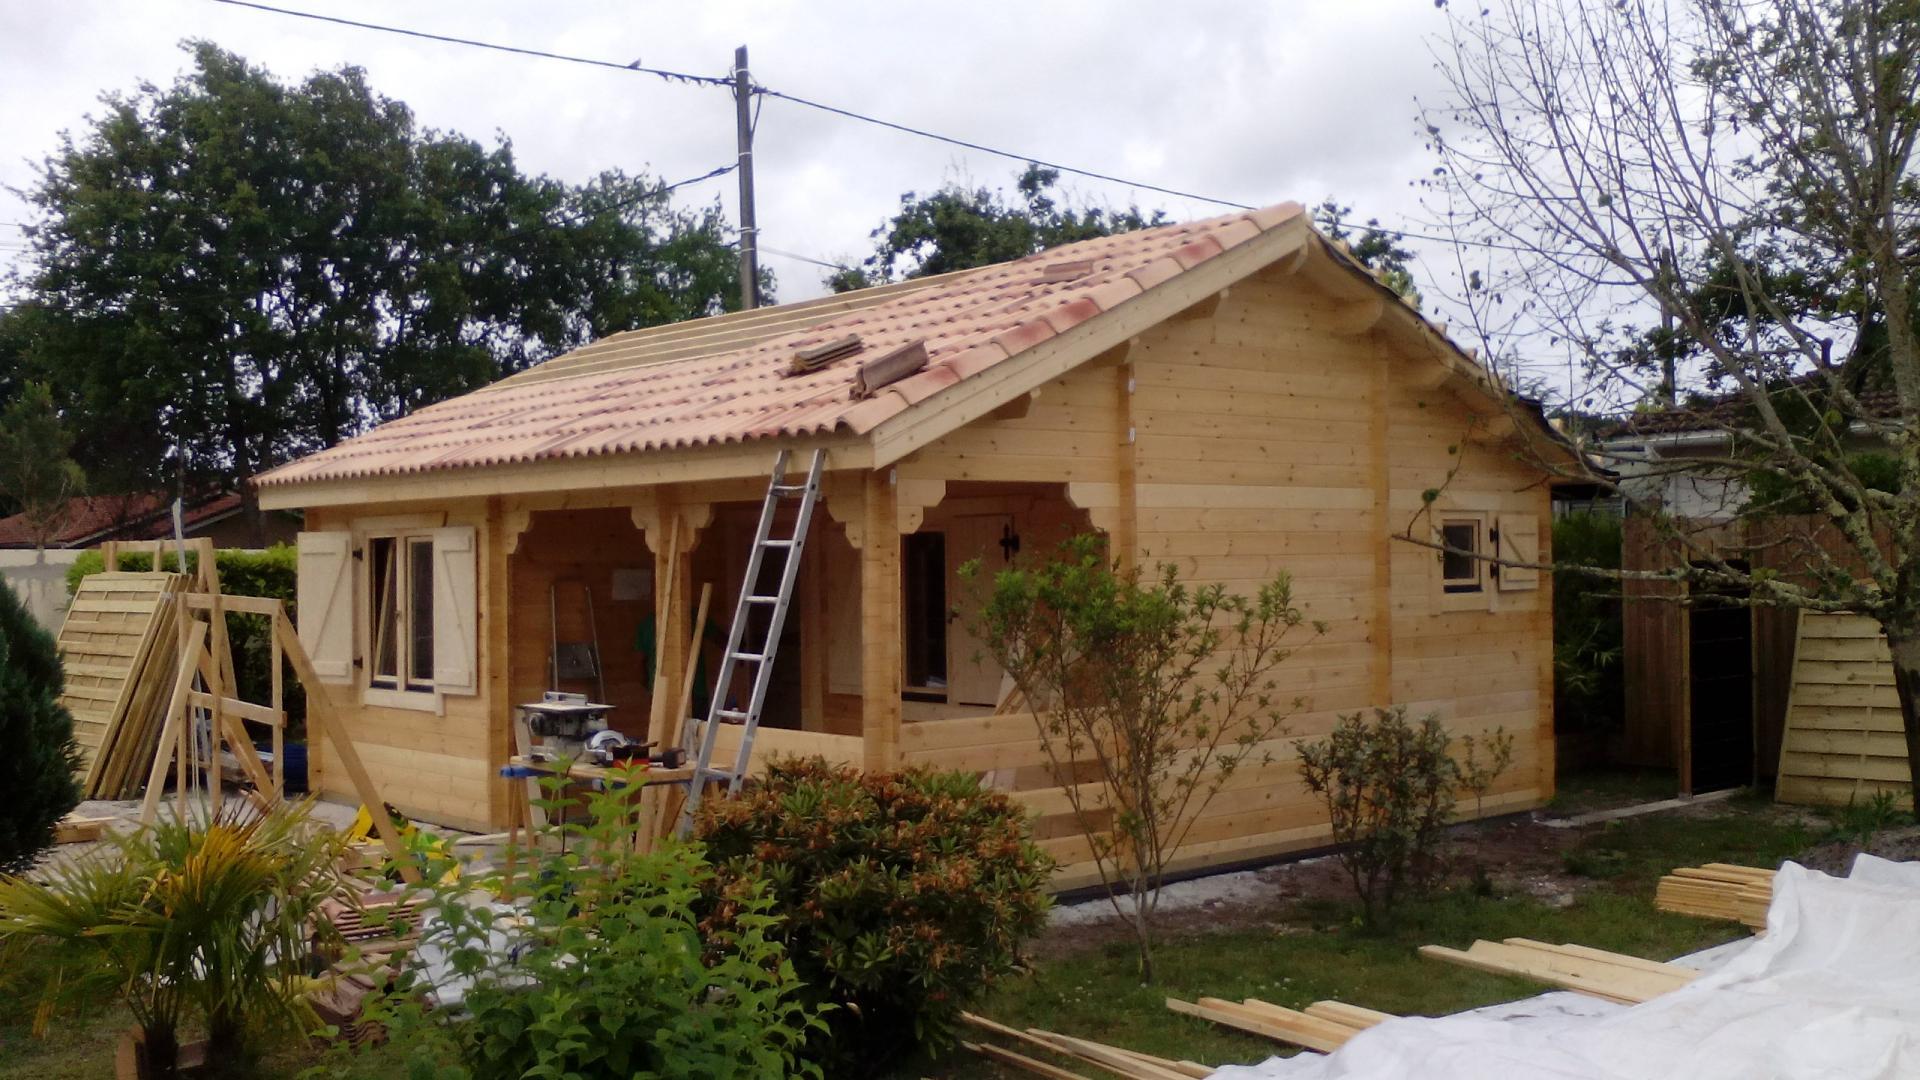 Fabricant Constructeur De Kits Chalets En Bois Habitables - Stmb tout Abri De Jardin 30M2